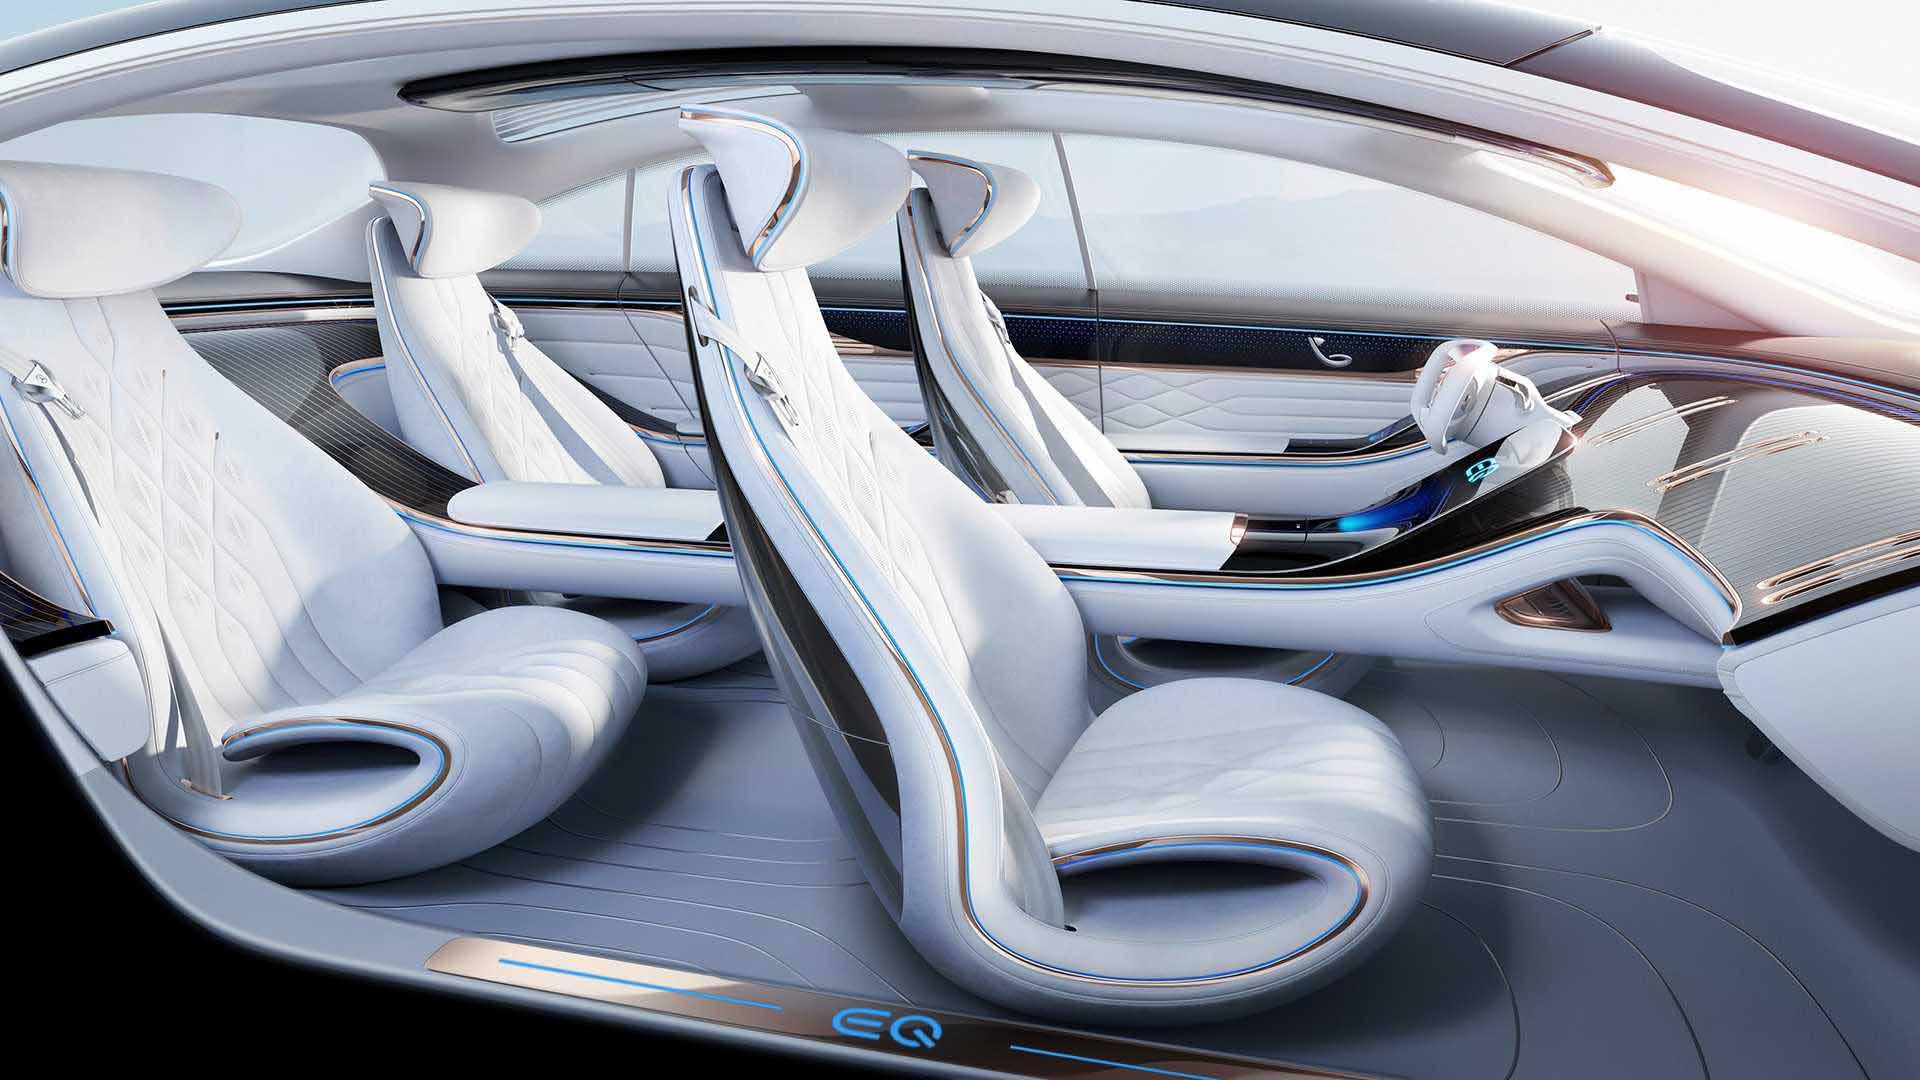 مرسدس بنز ، خودرویی از آینده-فضای داخلی بنز